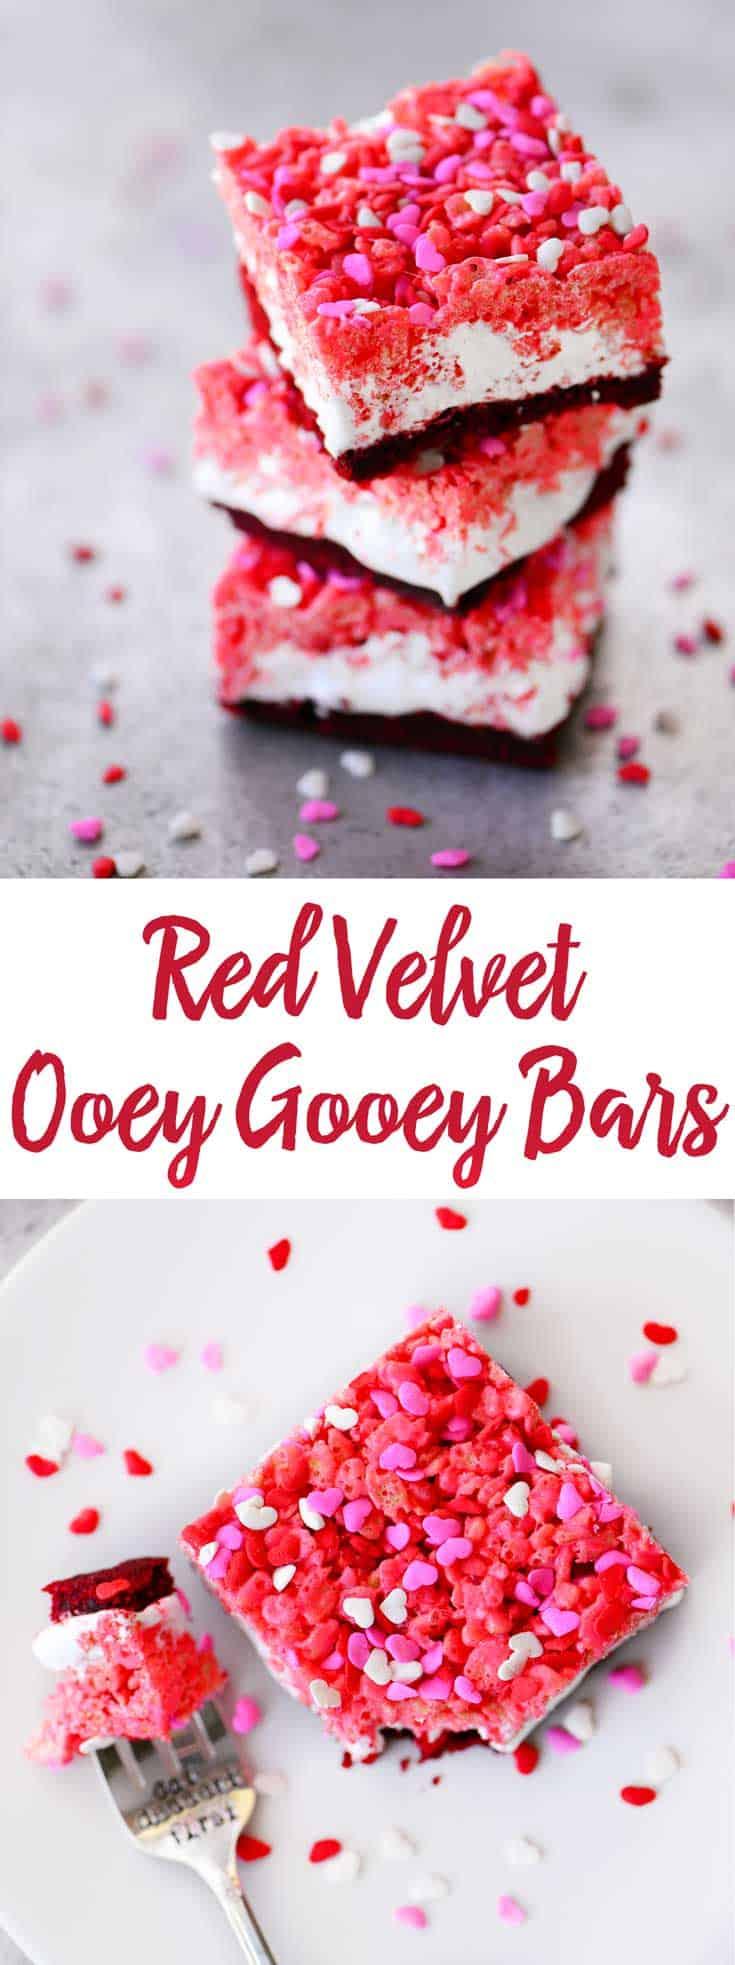 Red Velvet Ooey Gooey Bars